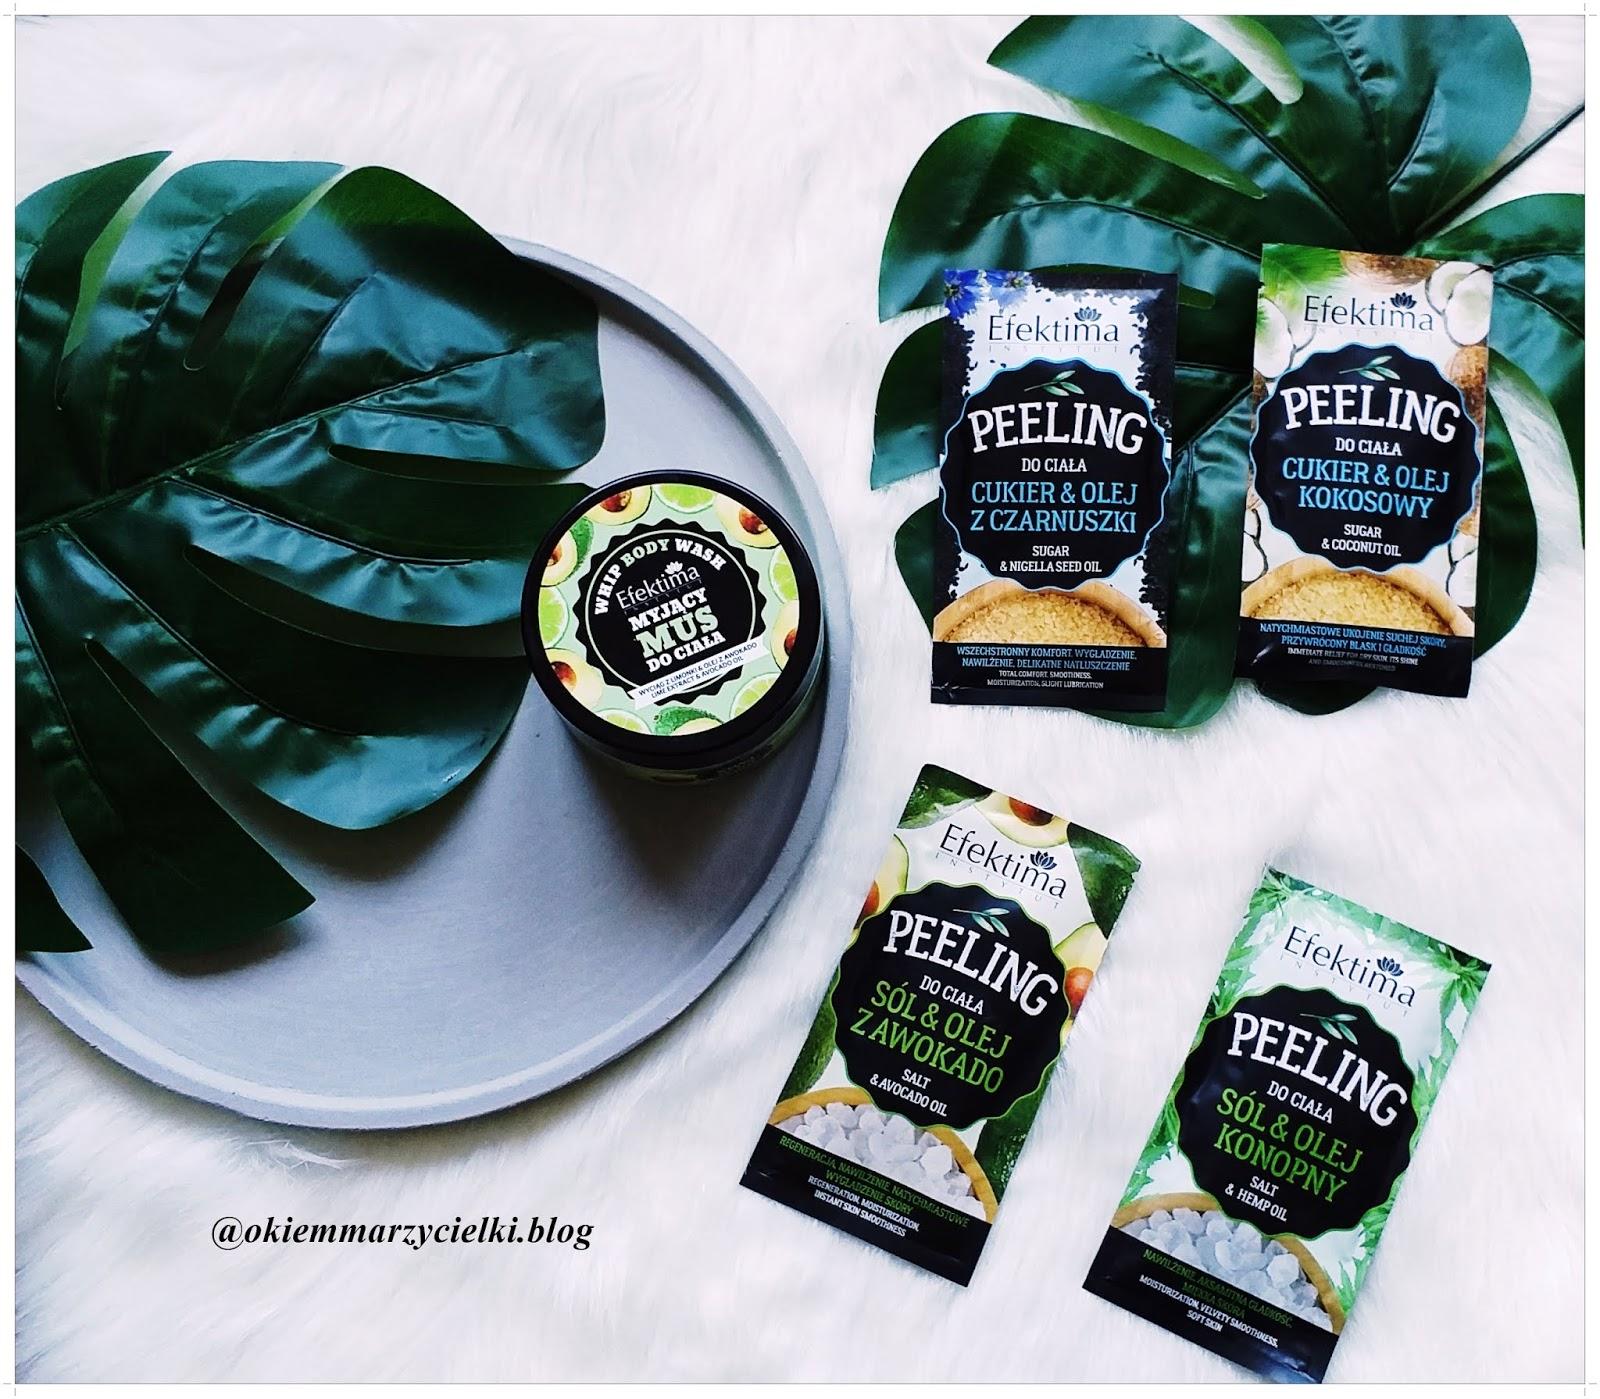 Myjący mus do ciała (wyciąg z limonki & olej z awokado)| Peeling do ciała (Sól & Olej konopny, Sól & Olej z awokado, Cukier & Olej kokosowy, Cukier & Olej z czarnuszki)| Efektima- recenzja #94